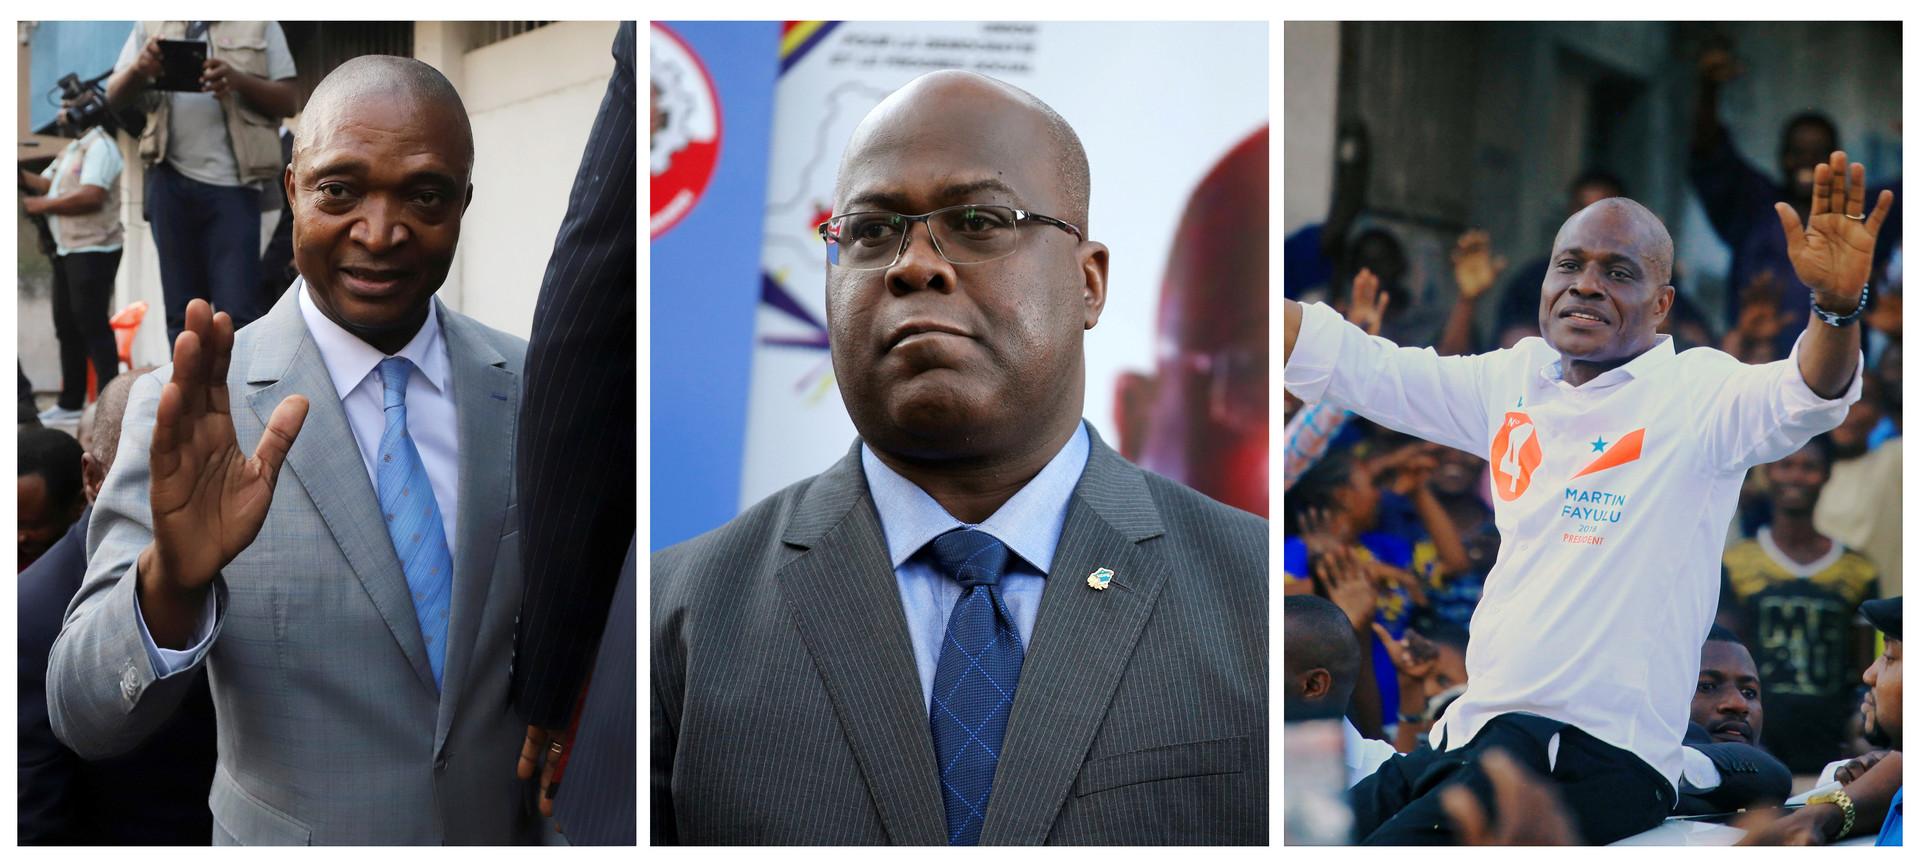 RDC : les enjeux d'une présidentielle sous haute tension (DOSSIER)